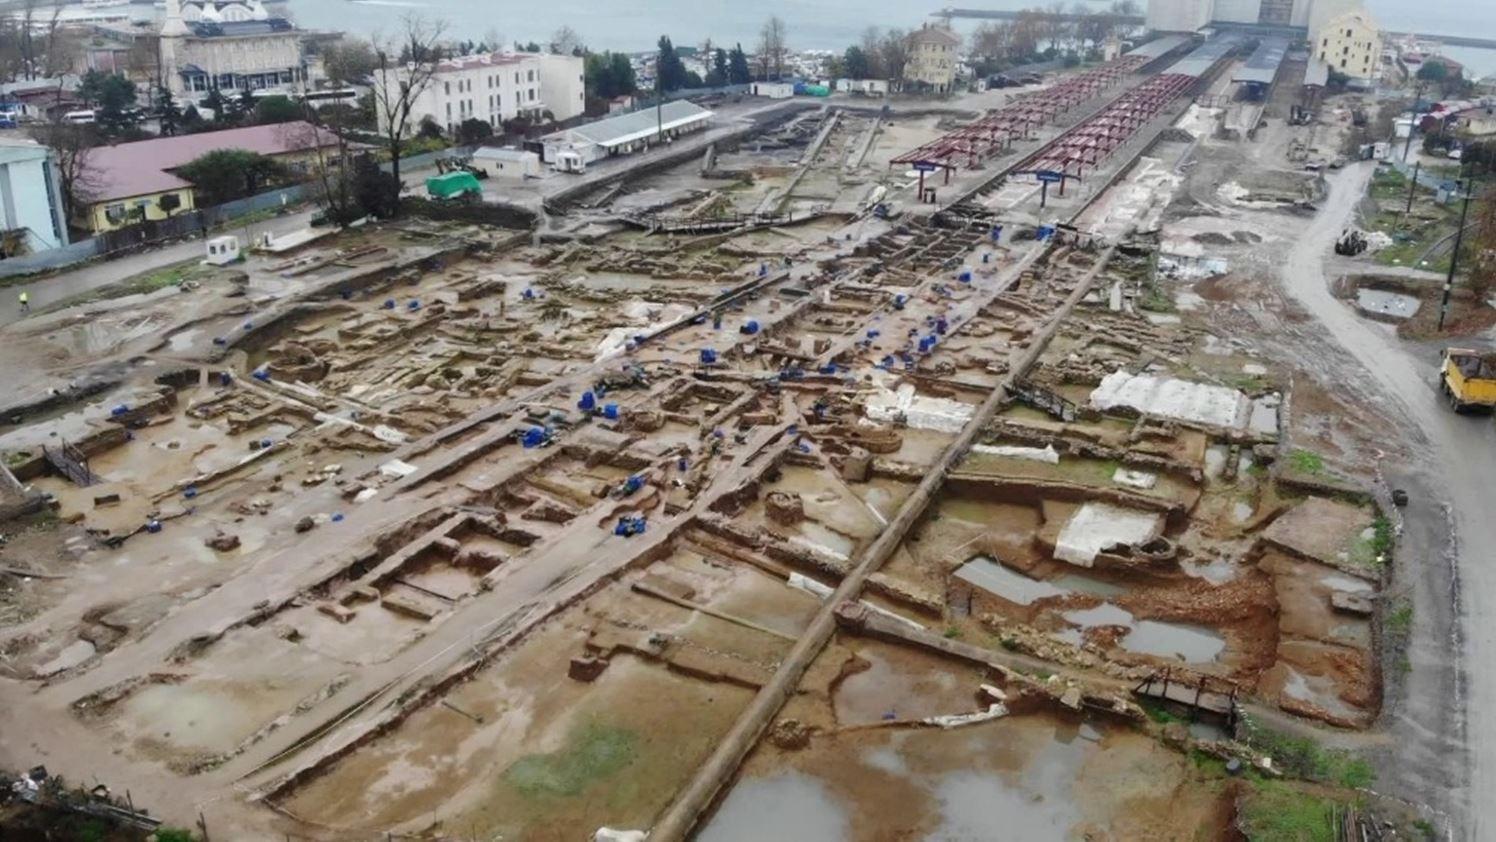 İBB: Haydarpaşa'daki kazılarda Helenistik Dönem'den Osmanlıya kadar çeşitli buluntulara rastlandı